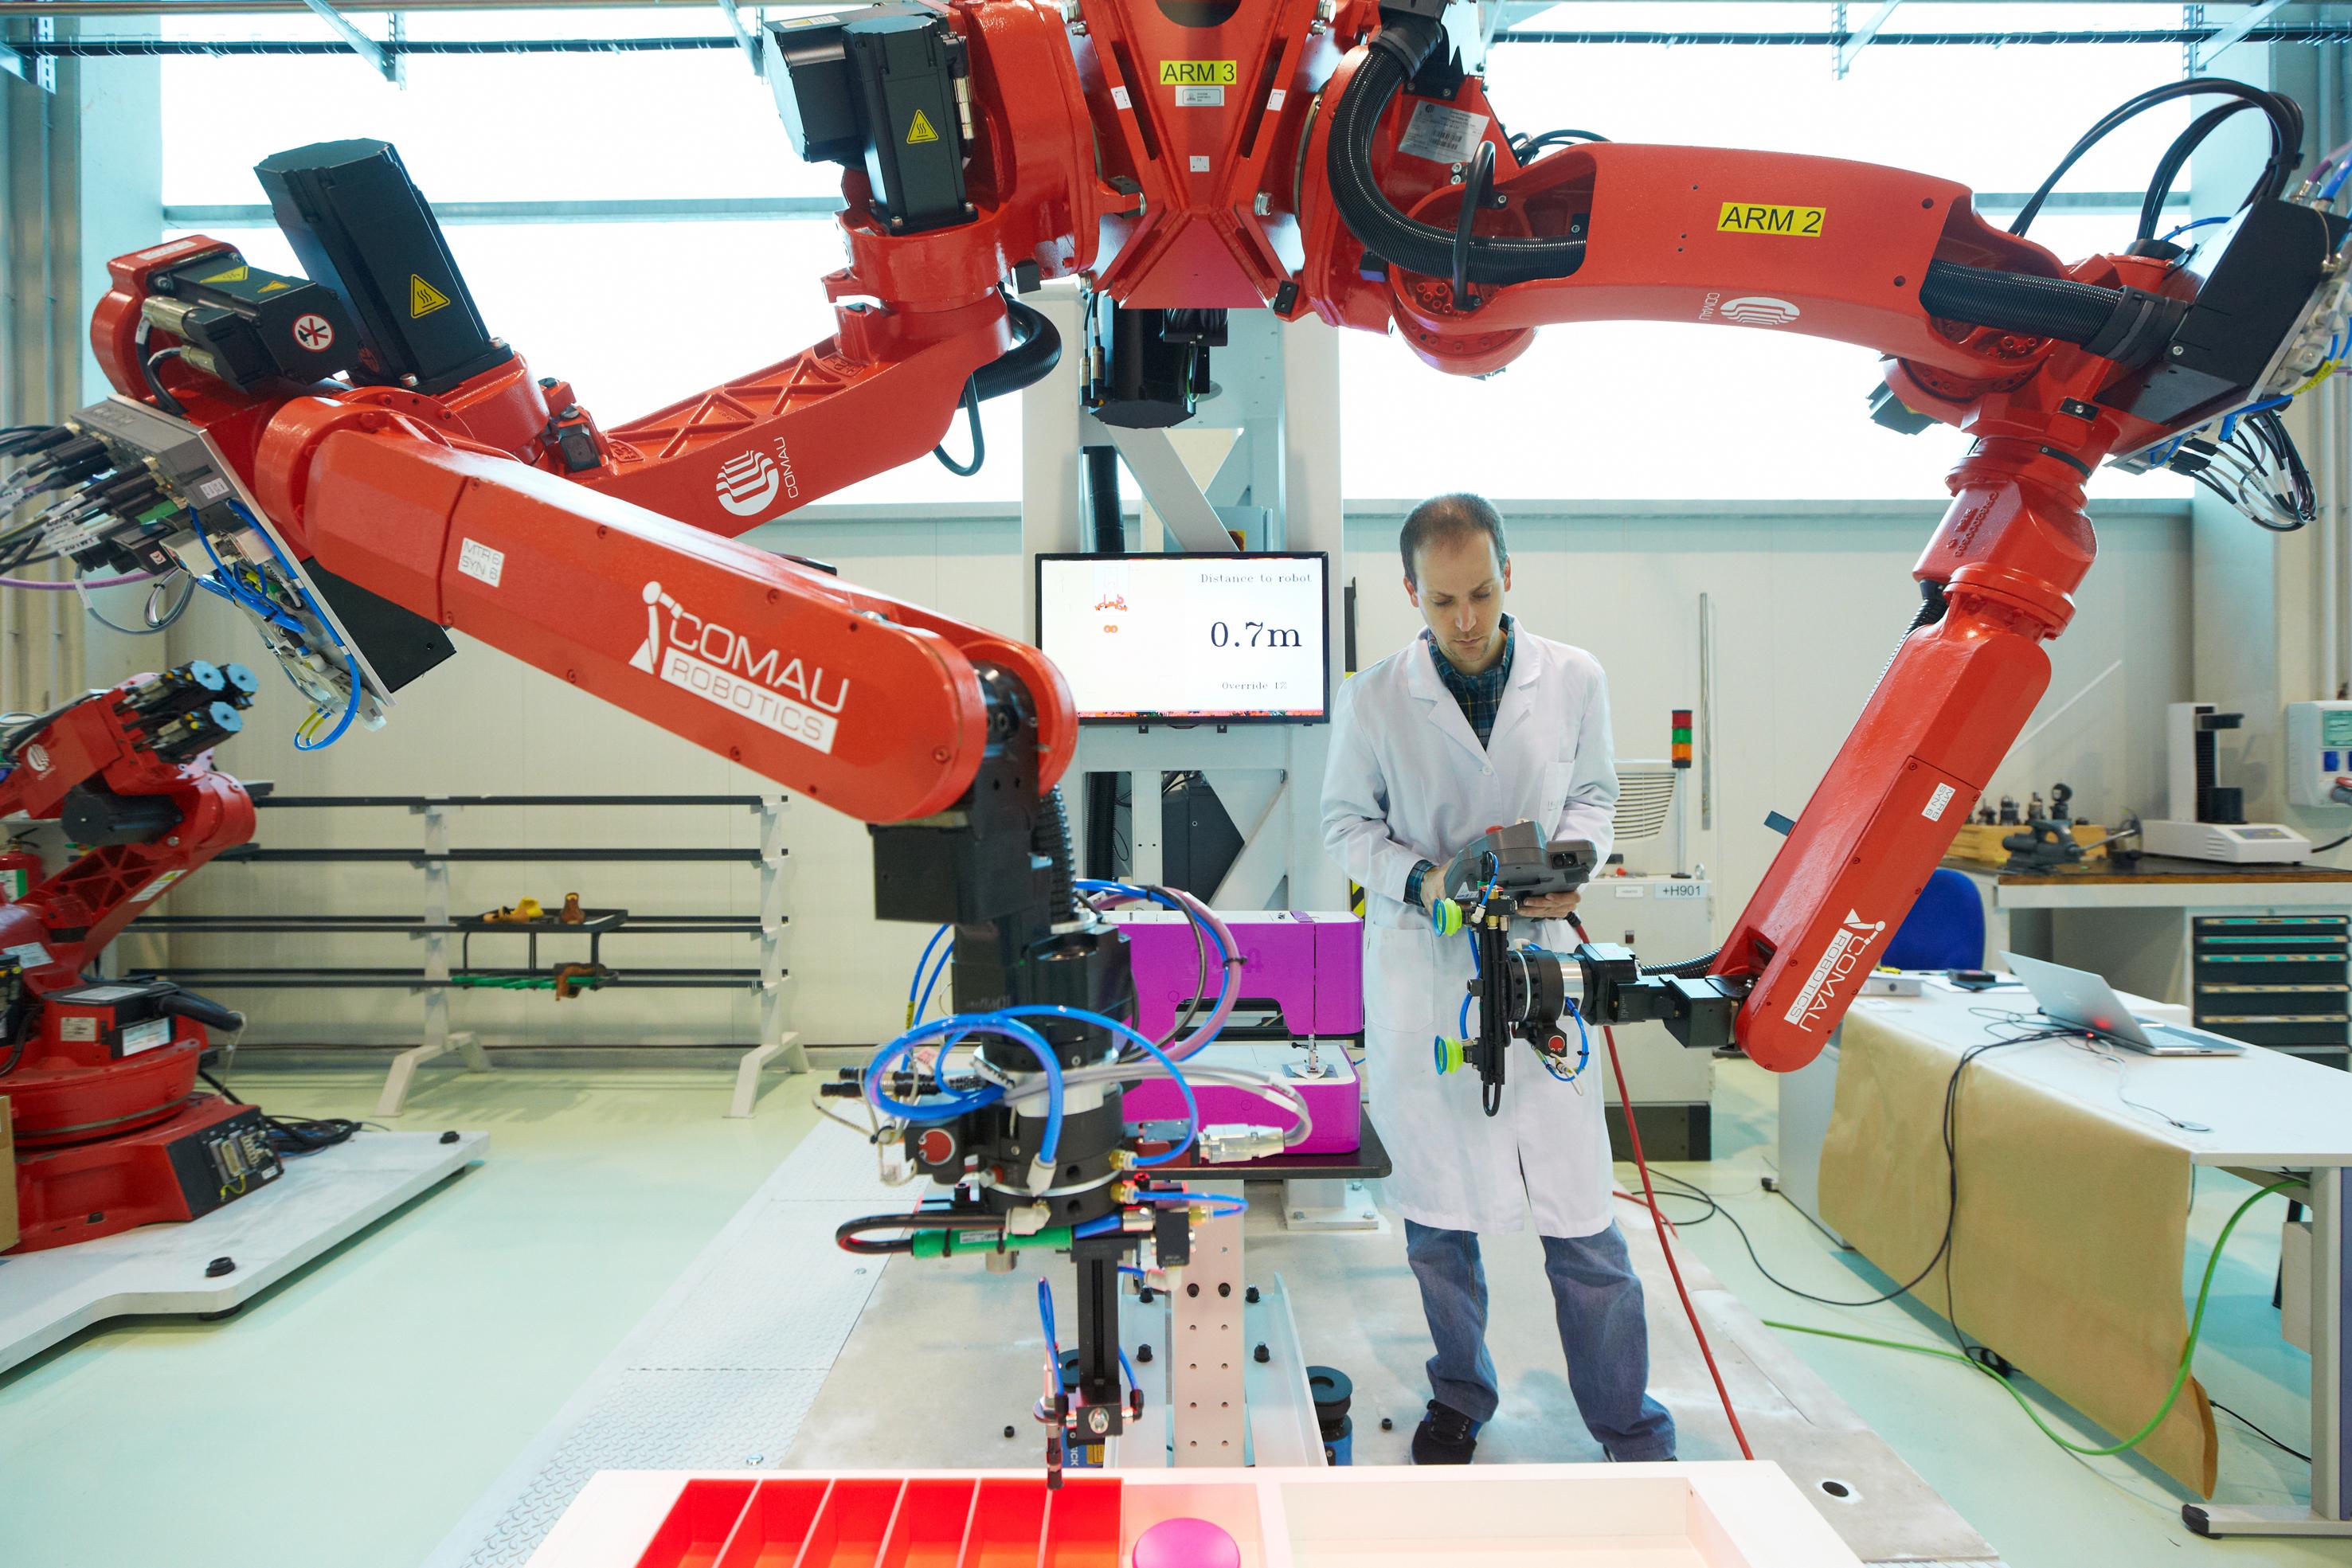 automatizacion robotica 2017 - La automatización robótica se desarrollaría en los próximos años en Perú